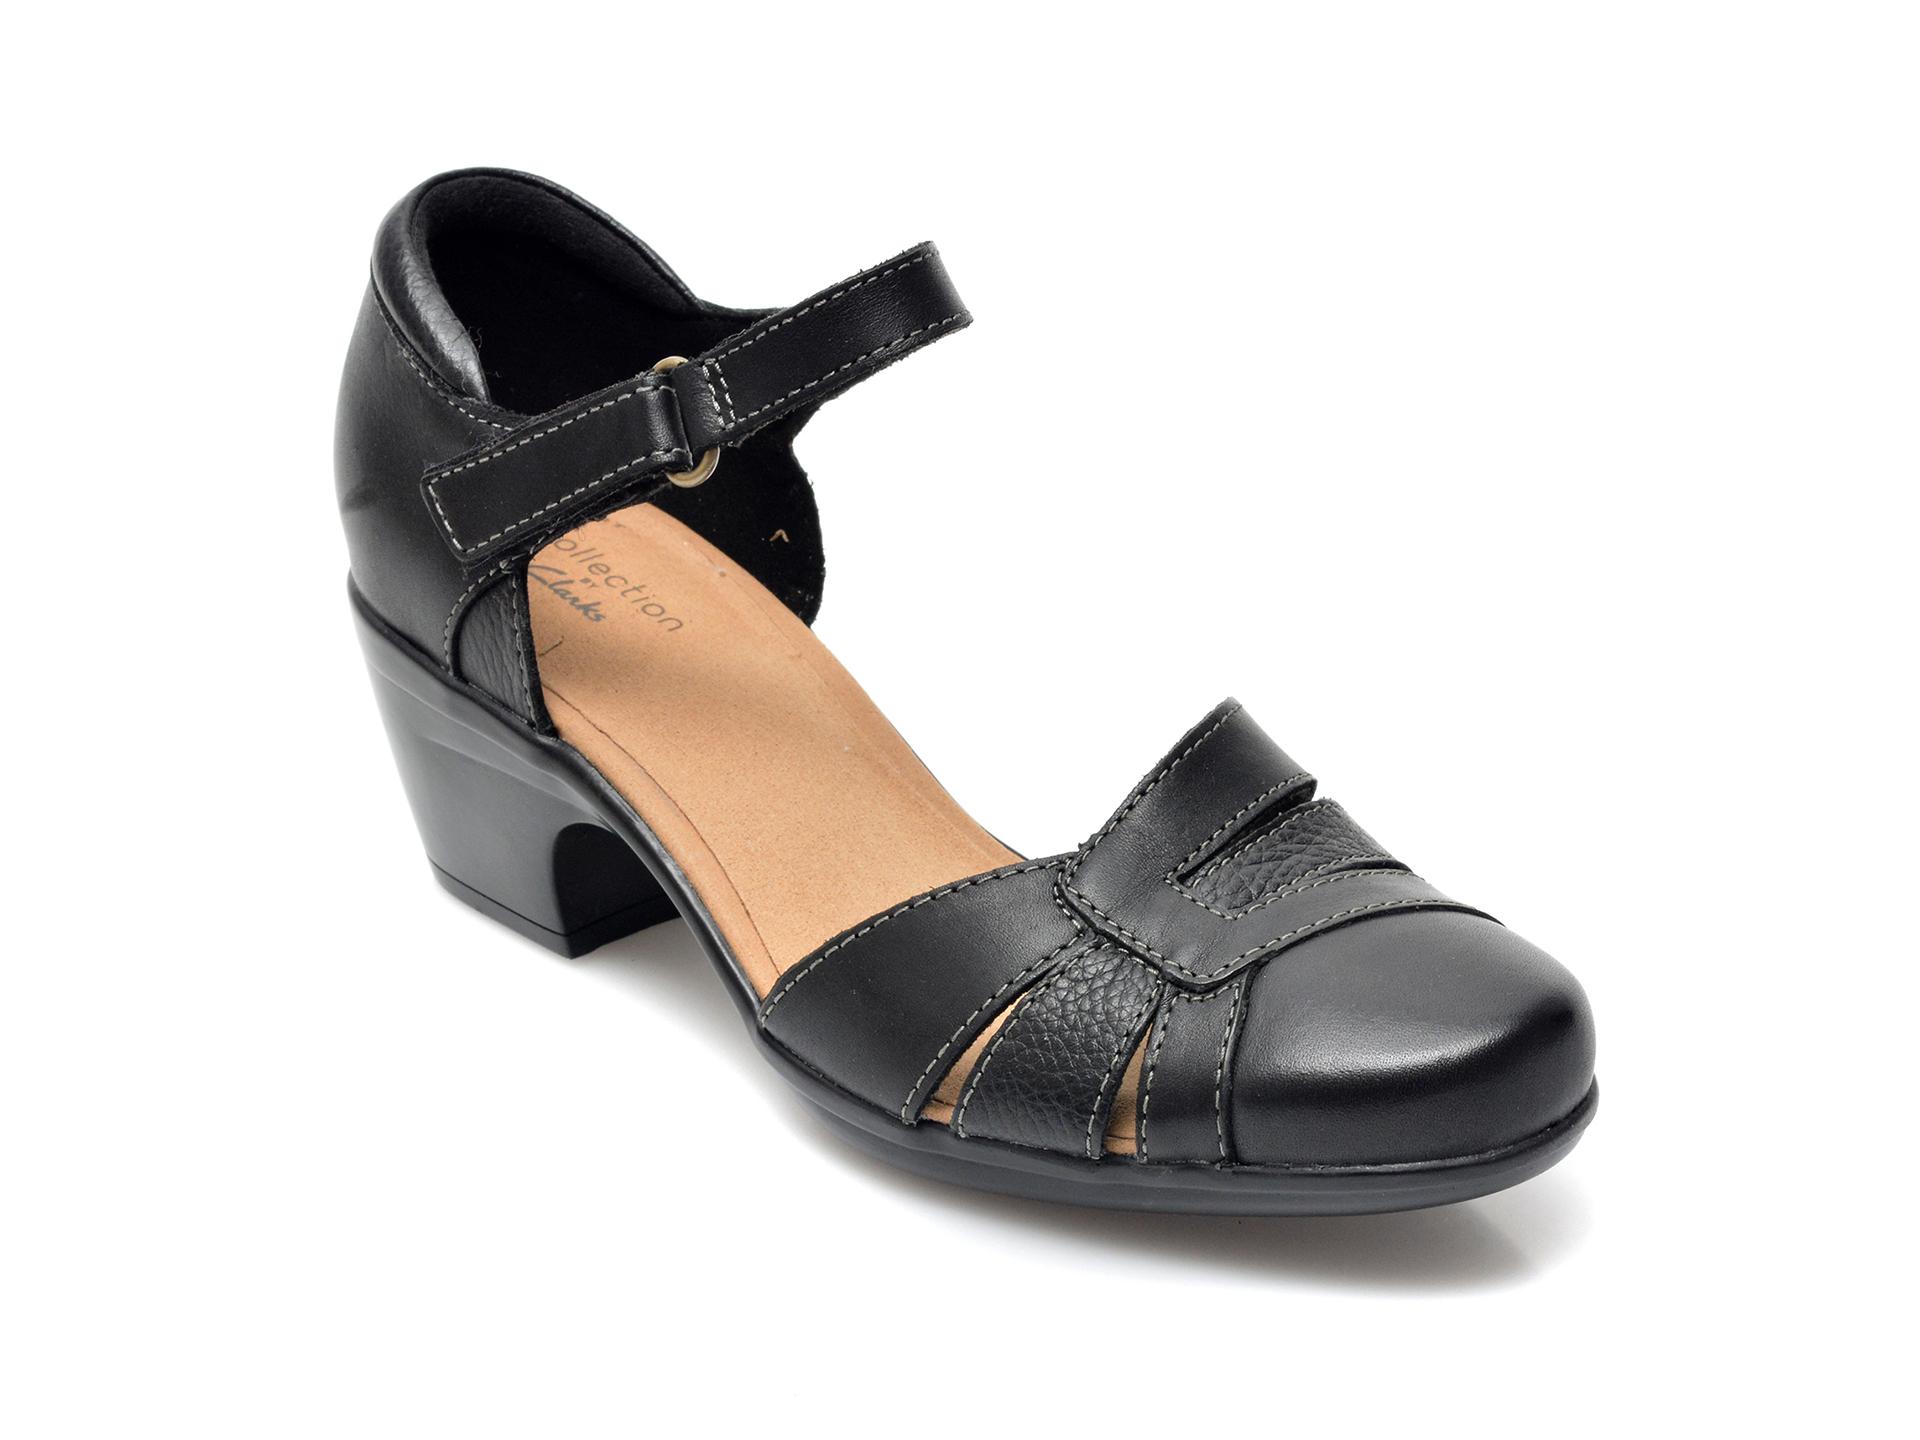 Sandale CLARKS negre, Emily Daisy, din piele naturala imagine otter.ro 2021